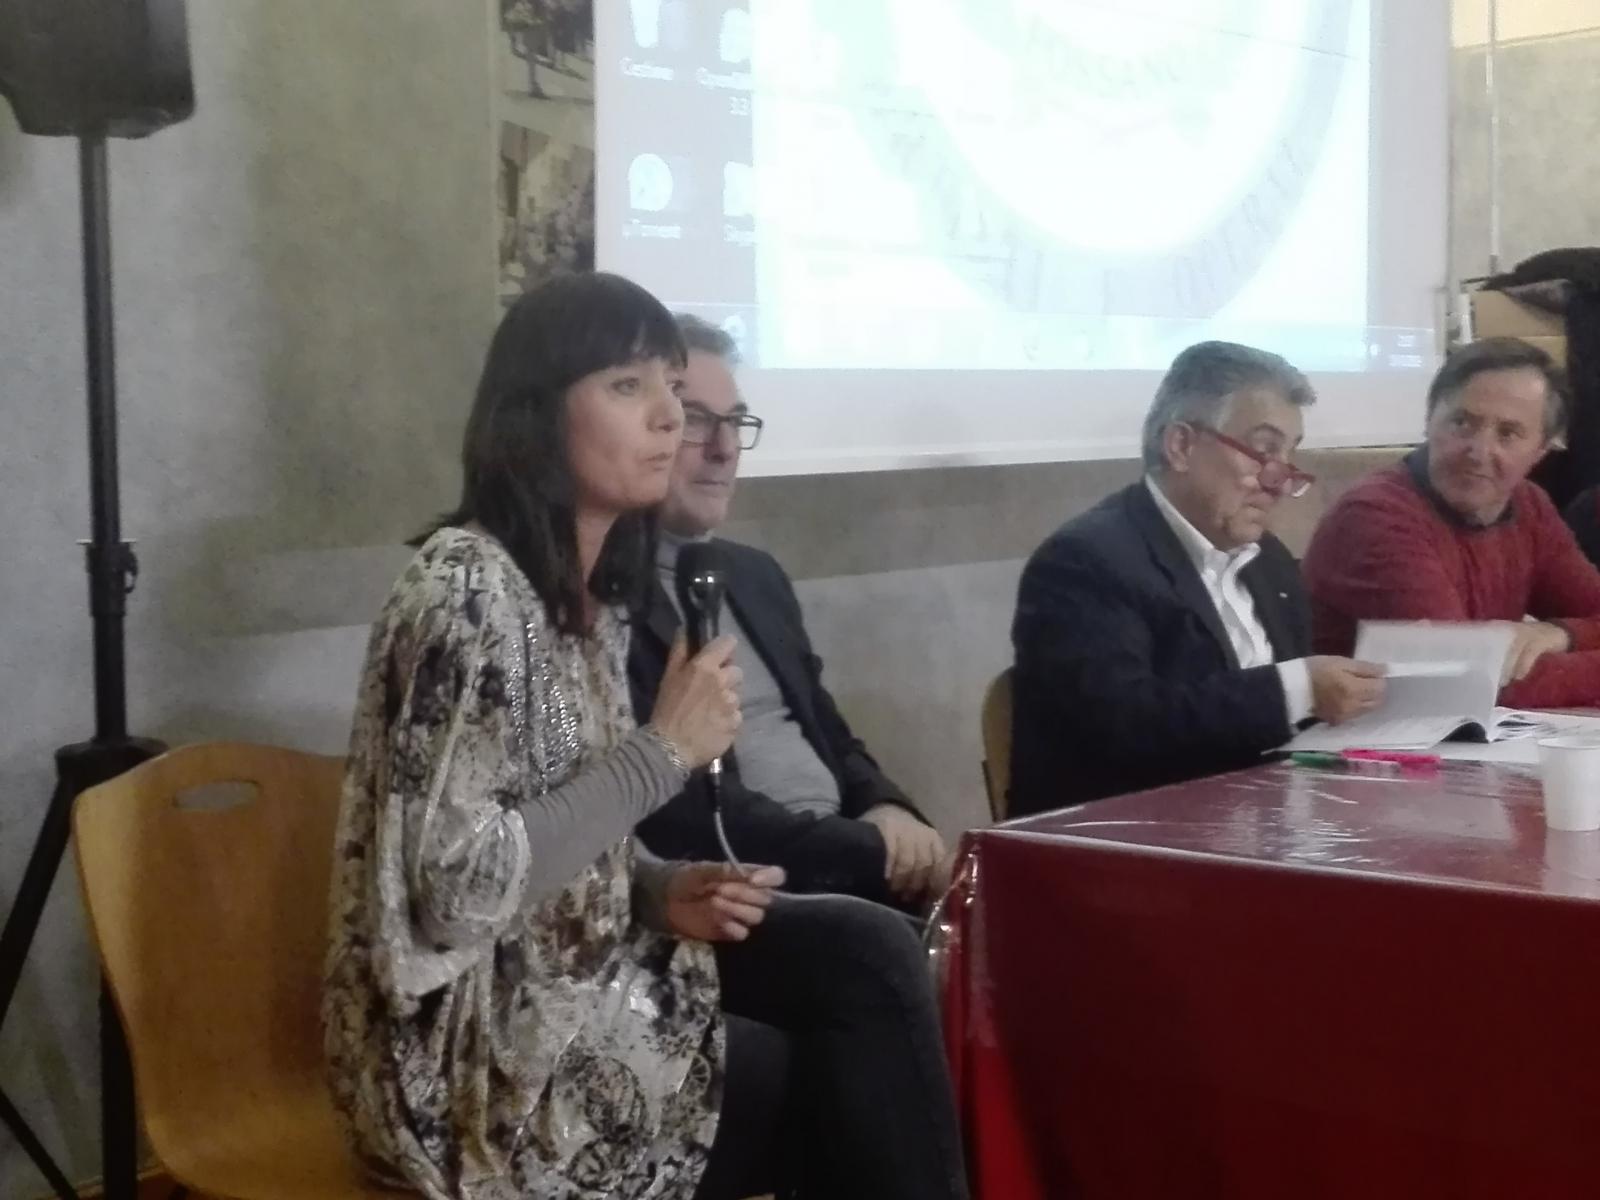 Foto presentazione libro del 18/02/19, Fossano, presso la Soms, società operaia di mutuo soccorso